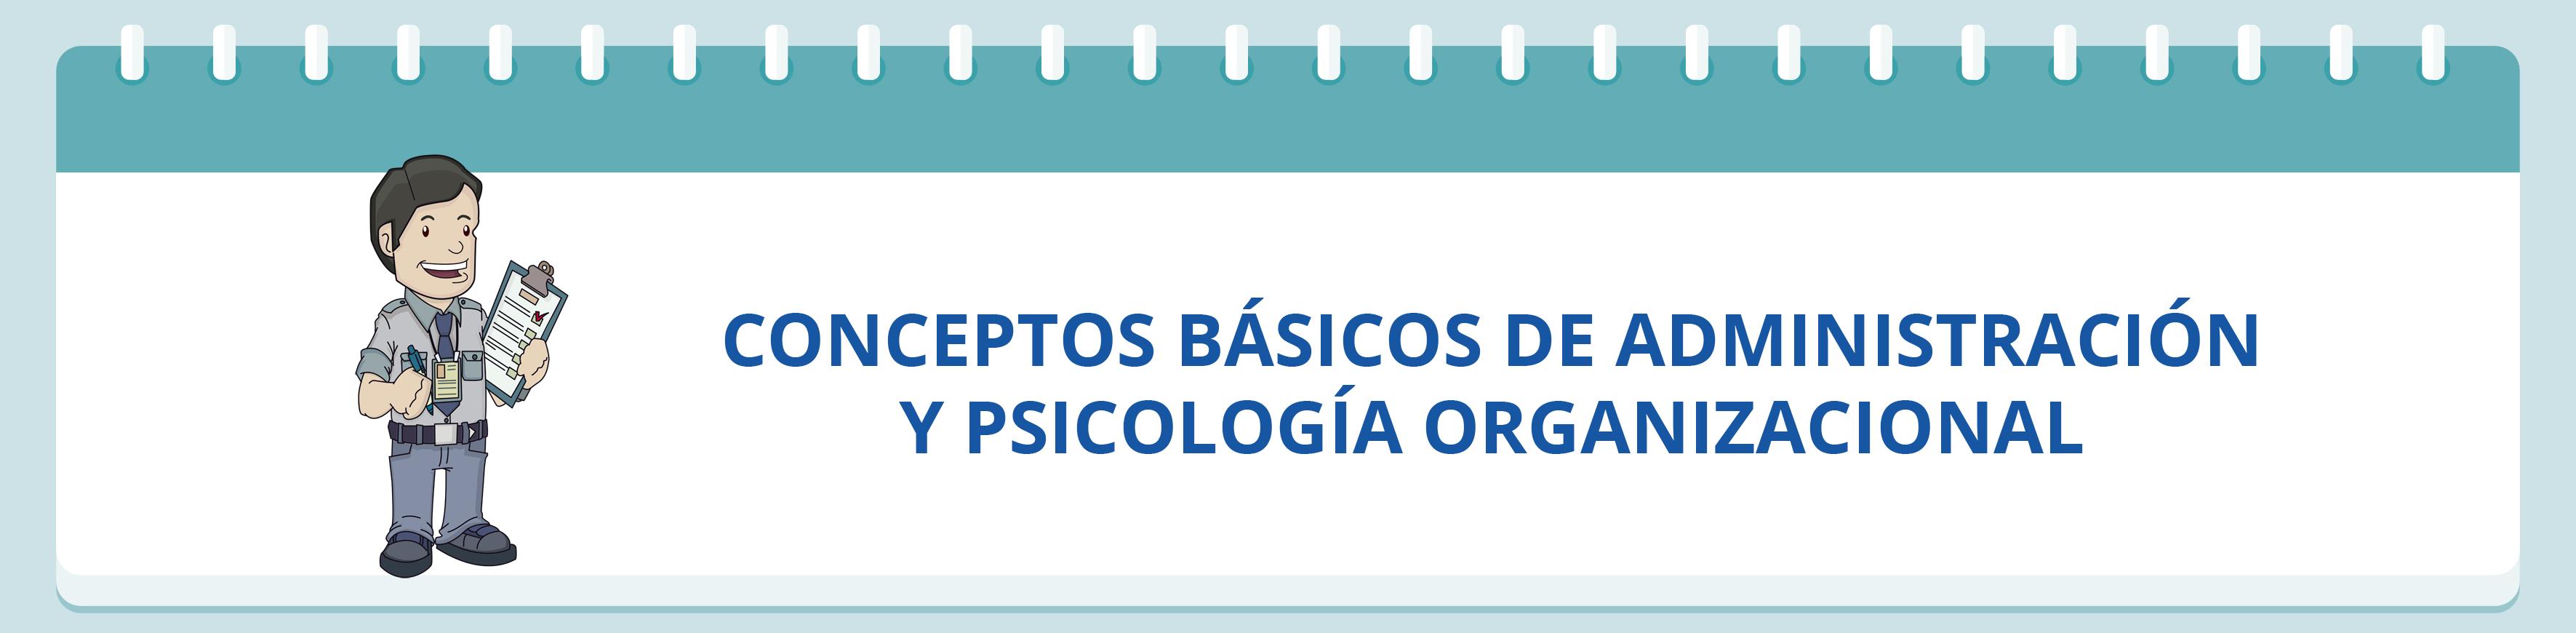 conceptos_basicos_administracion_psicologia_organizacional.png